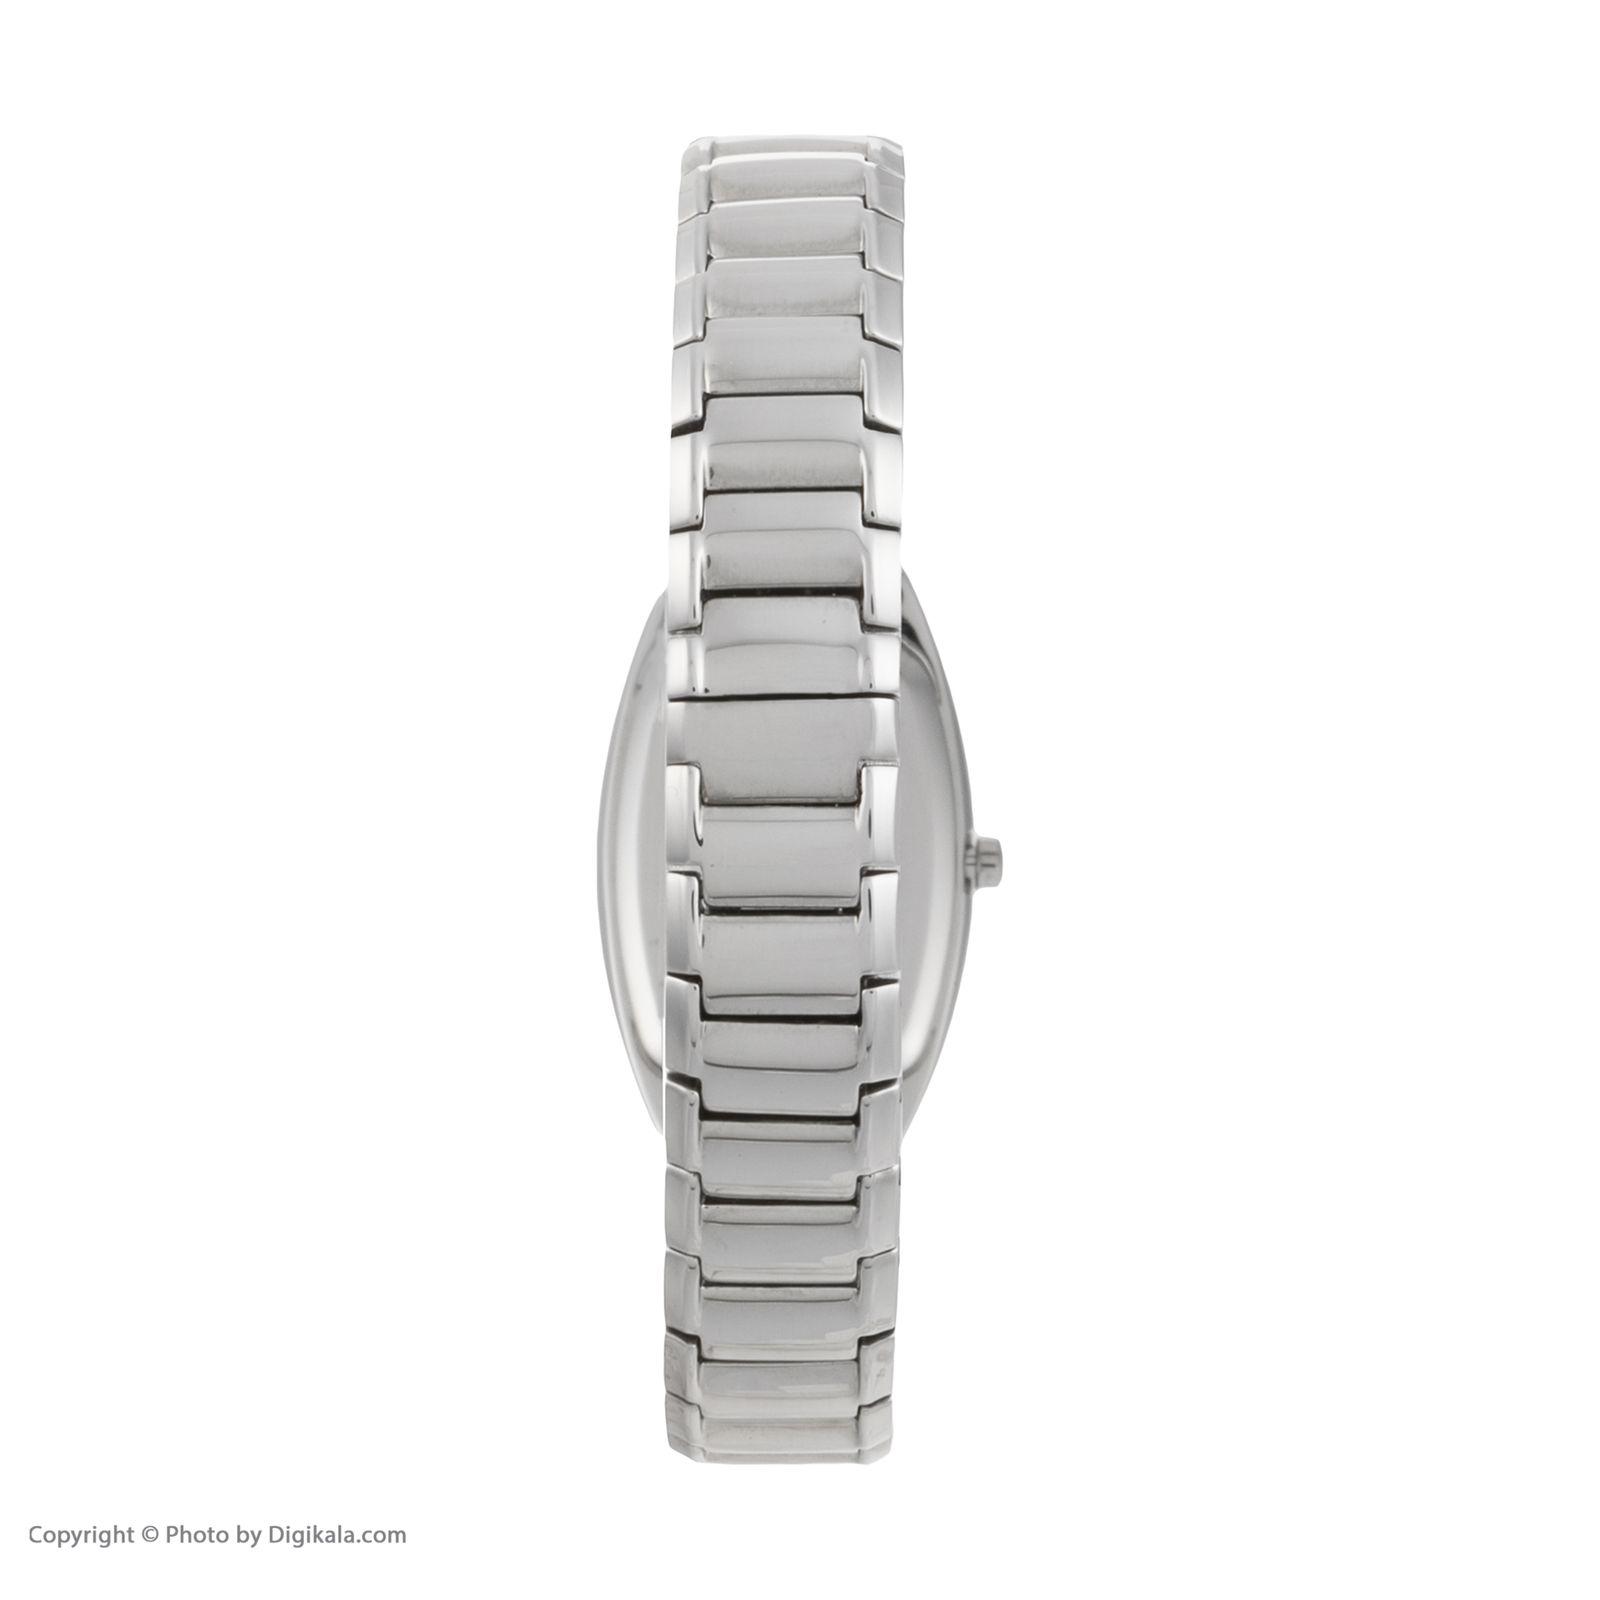 ساعت مچی عقربه ای زنانه کنتیننتال مدل 5074-204 -  - 3